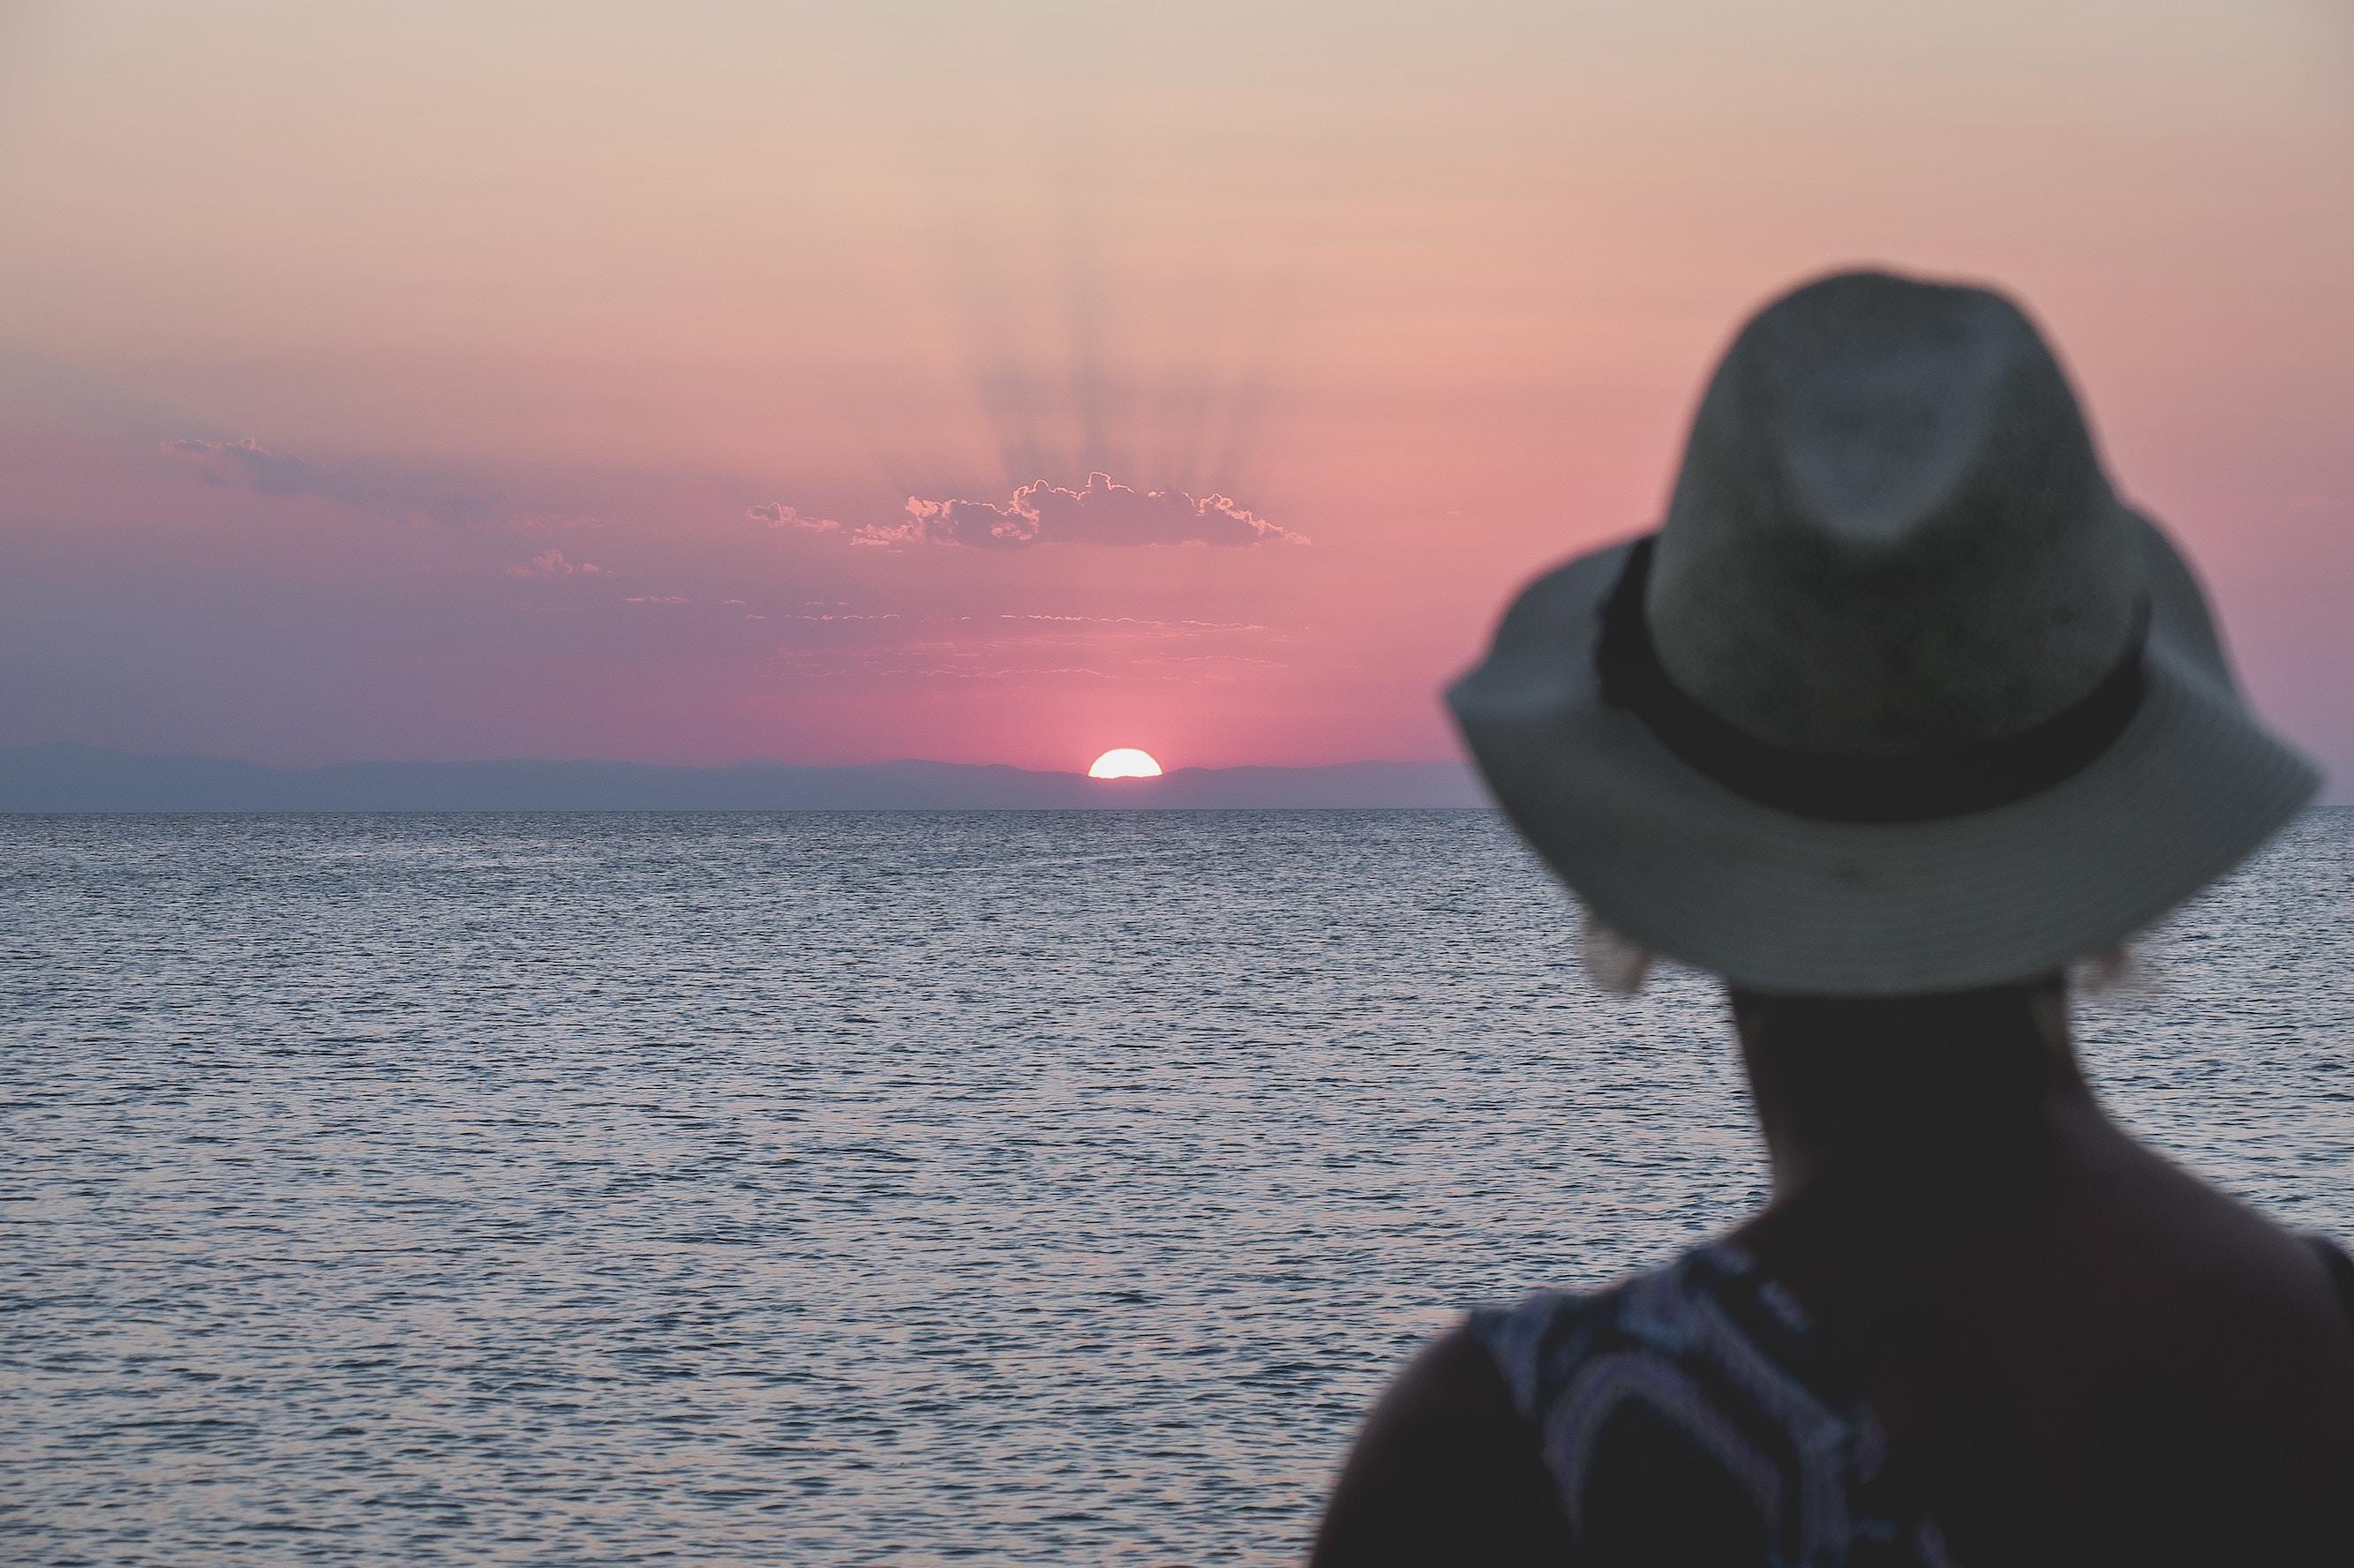 Kompletní seznam: Na co nezapomenout při odjezdu na dovolenou